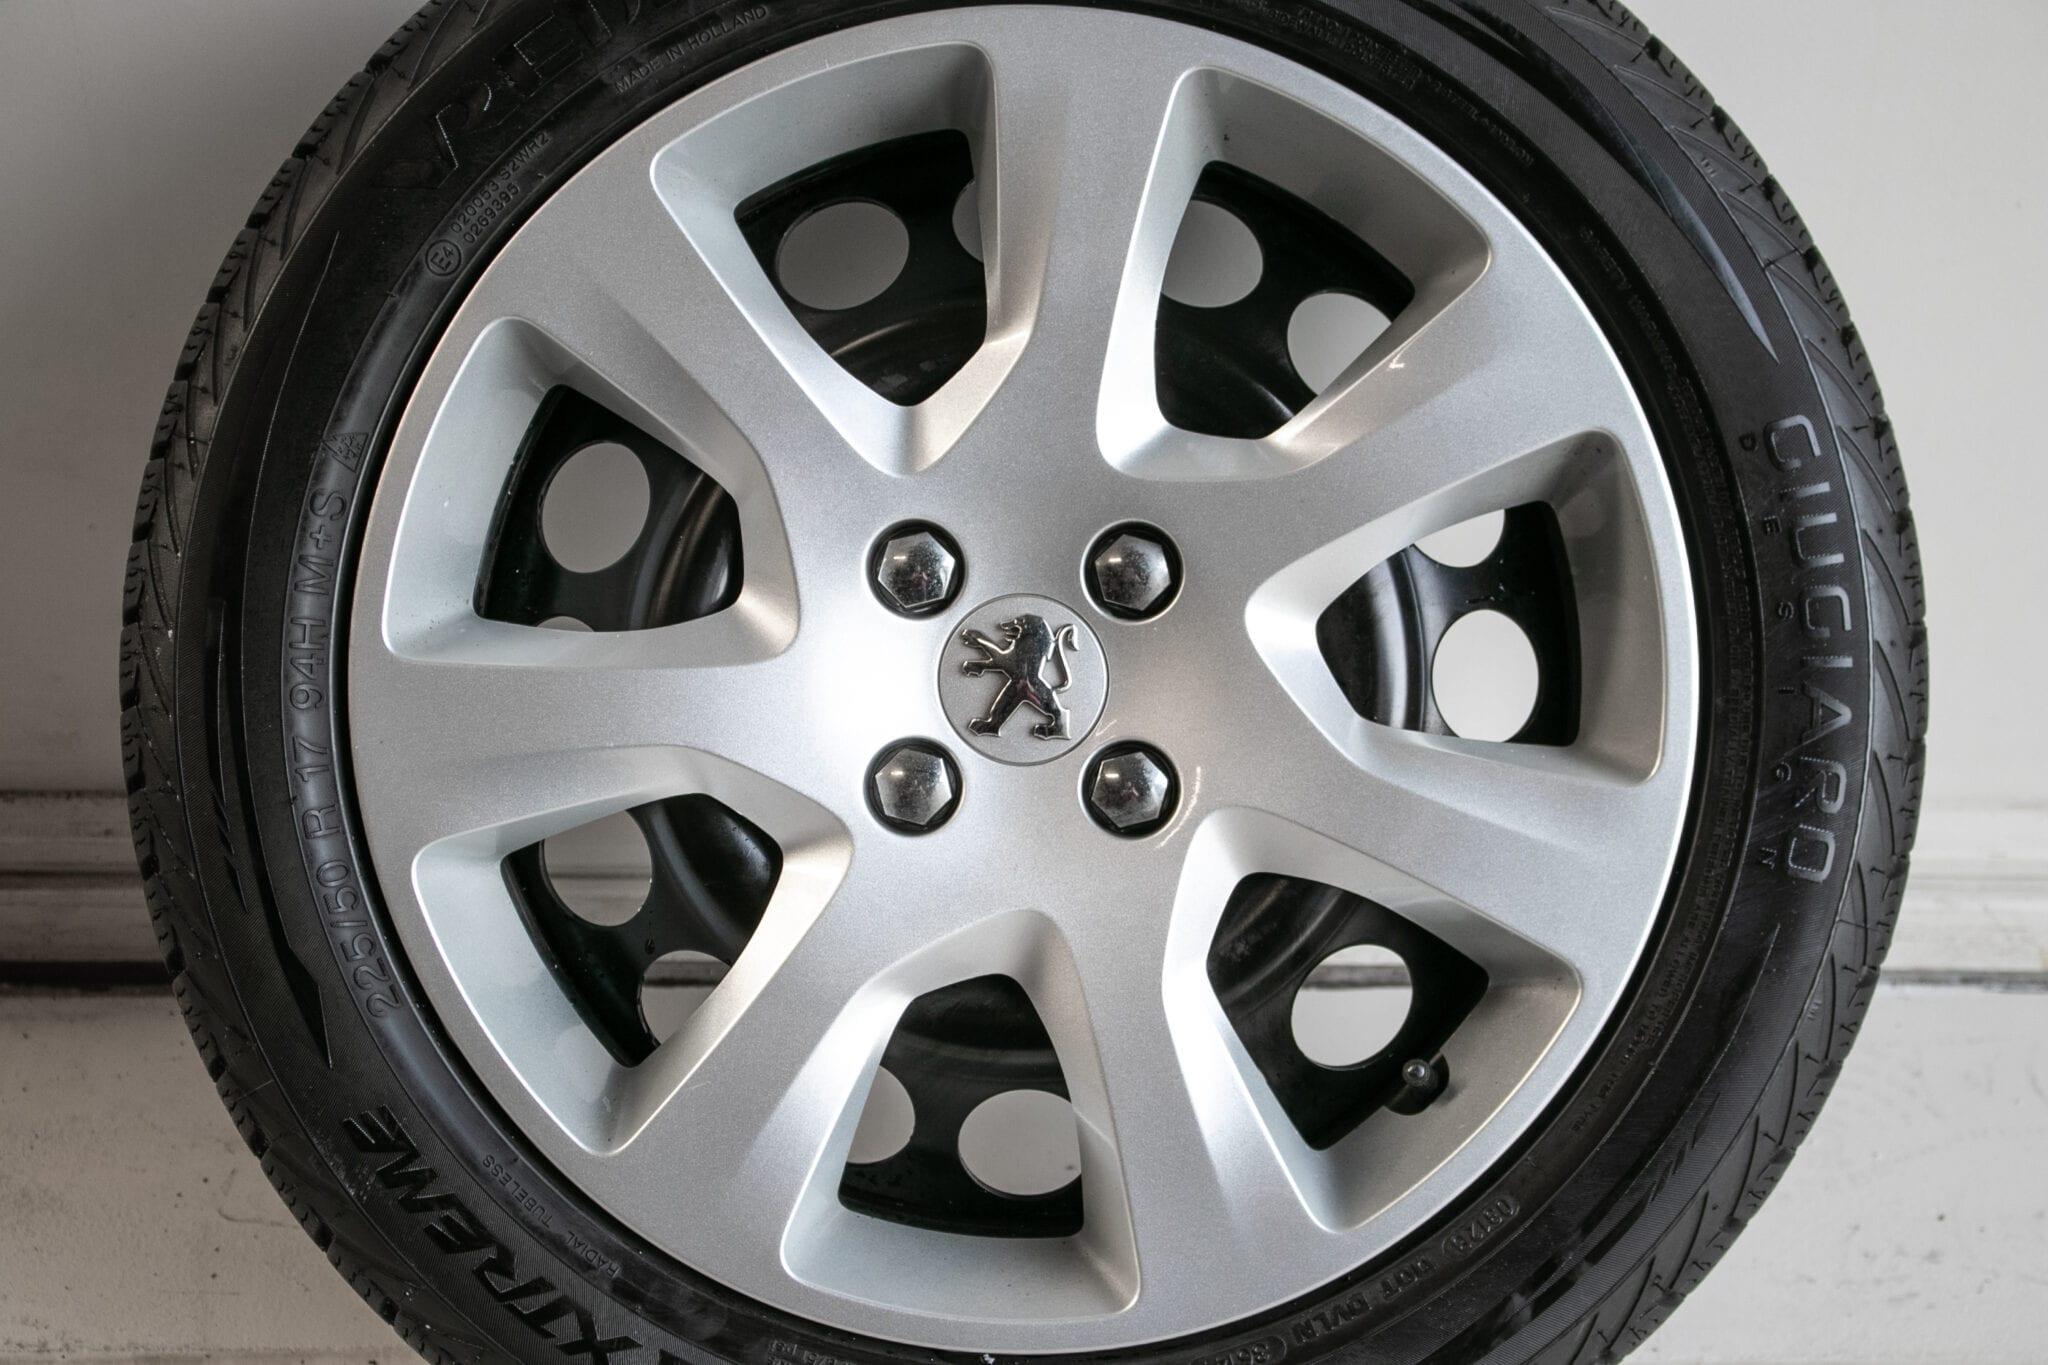 """17"""" Winterwielen voor o.a. een Peugeot. Steekmaat: 4x108 €275,- Gebruikt. Profieldiepte: 6.4mm - 7.4mm"""